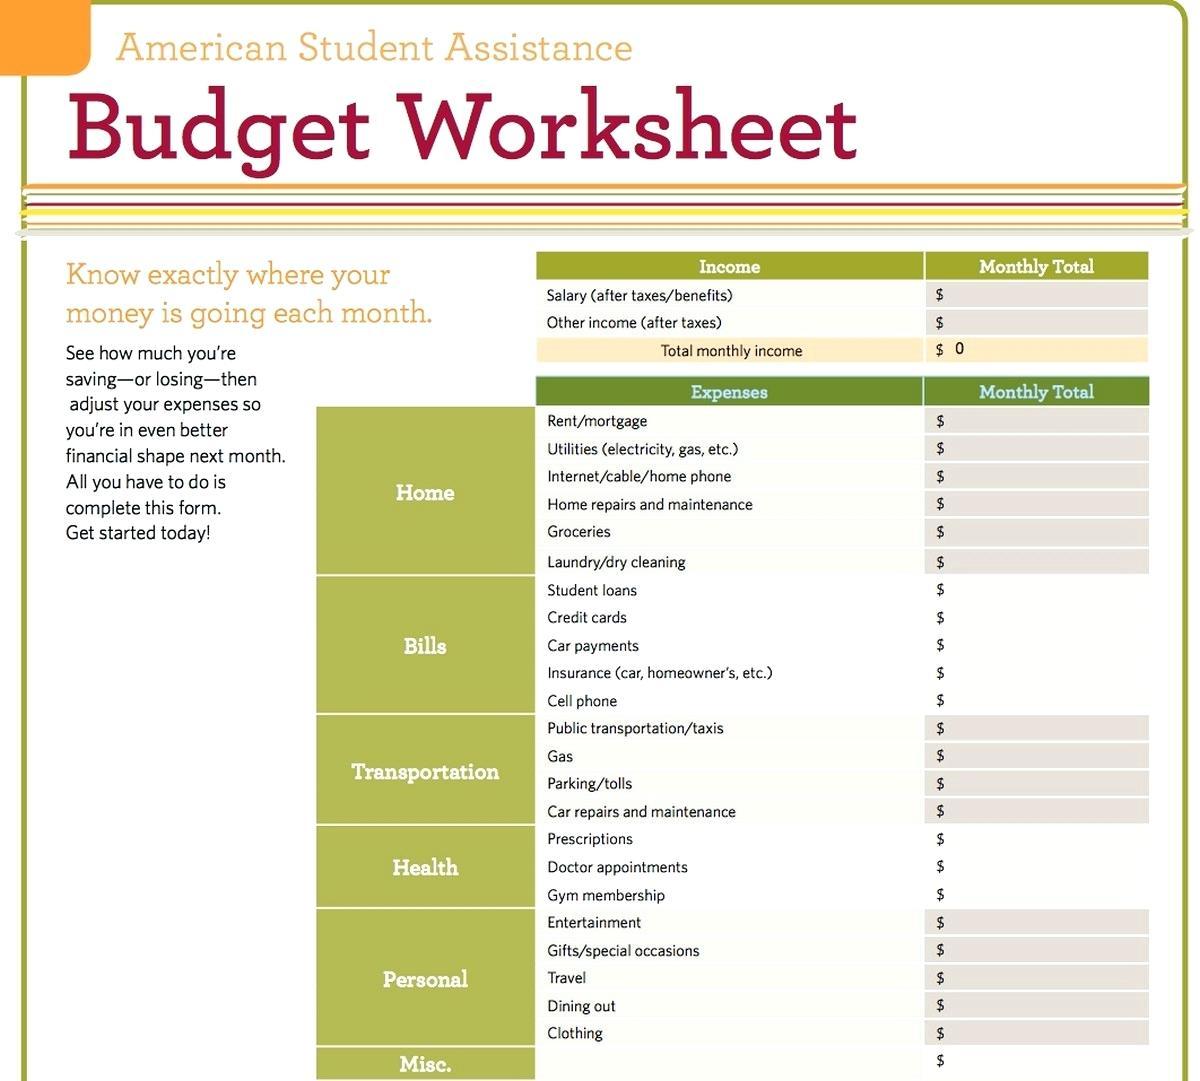 Basic Expenditure Spreadsheet Regarding Basic Budget Worksheet  Solan.annafora.co